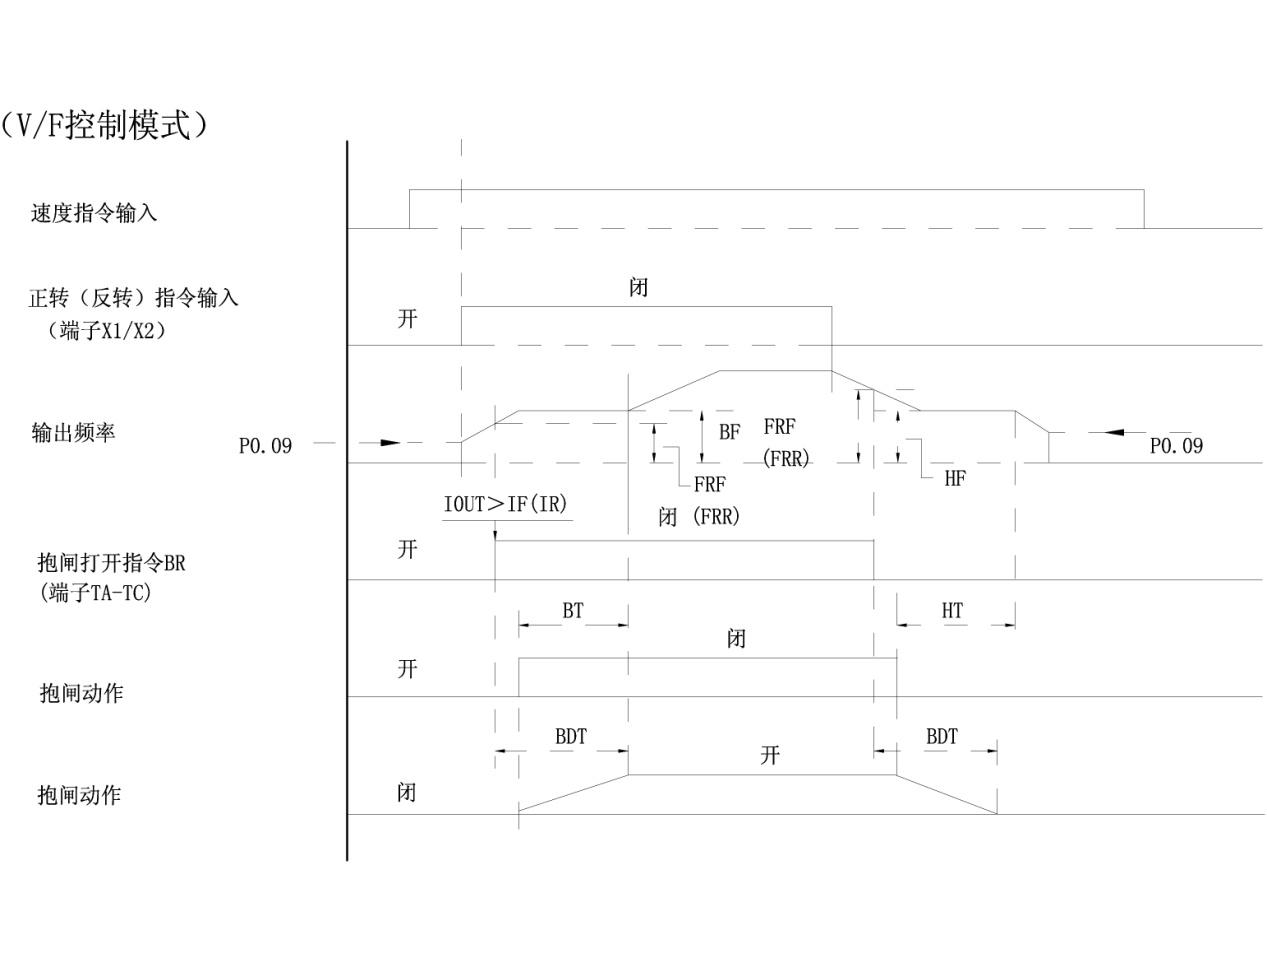 ALPHA6900S起重机专用变频器  产品特点 采用电动机驱动与起重逻辑控制有机结合的方式,省去了原系统中的PLC,减少潜在故障点,简化系统接线、调试简单灵活,代表未来起重机控制的发展方向;集多年起重机行业设计的经验,设计了专家级、广泛应用的起升机构的控制和安全逻辑,包括时序配合、防溜钩、等功能,为配套客户提供完美的解决方案;在采矿、冶金、筑路行业的上料系统有专门的定长设计,使控制更安全可靠。 技术特点 1.